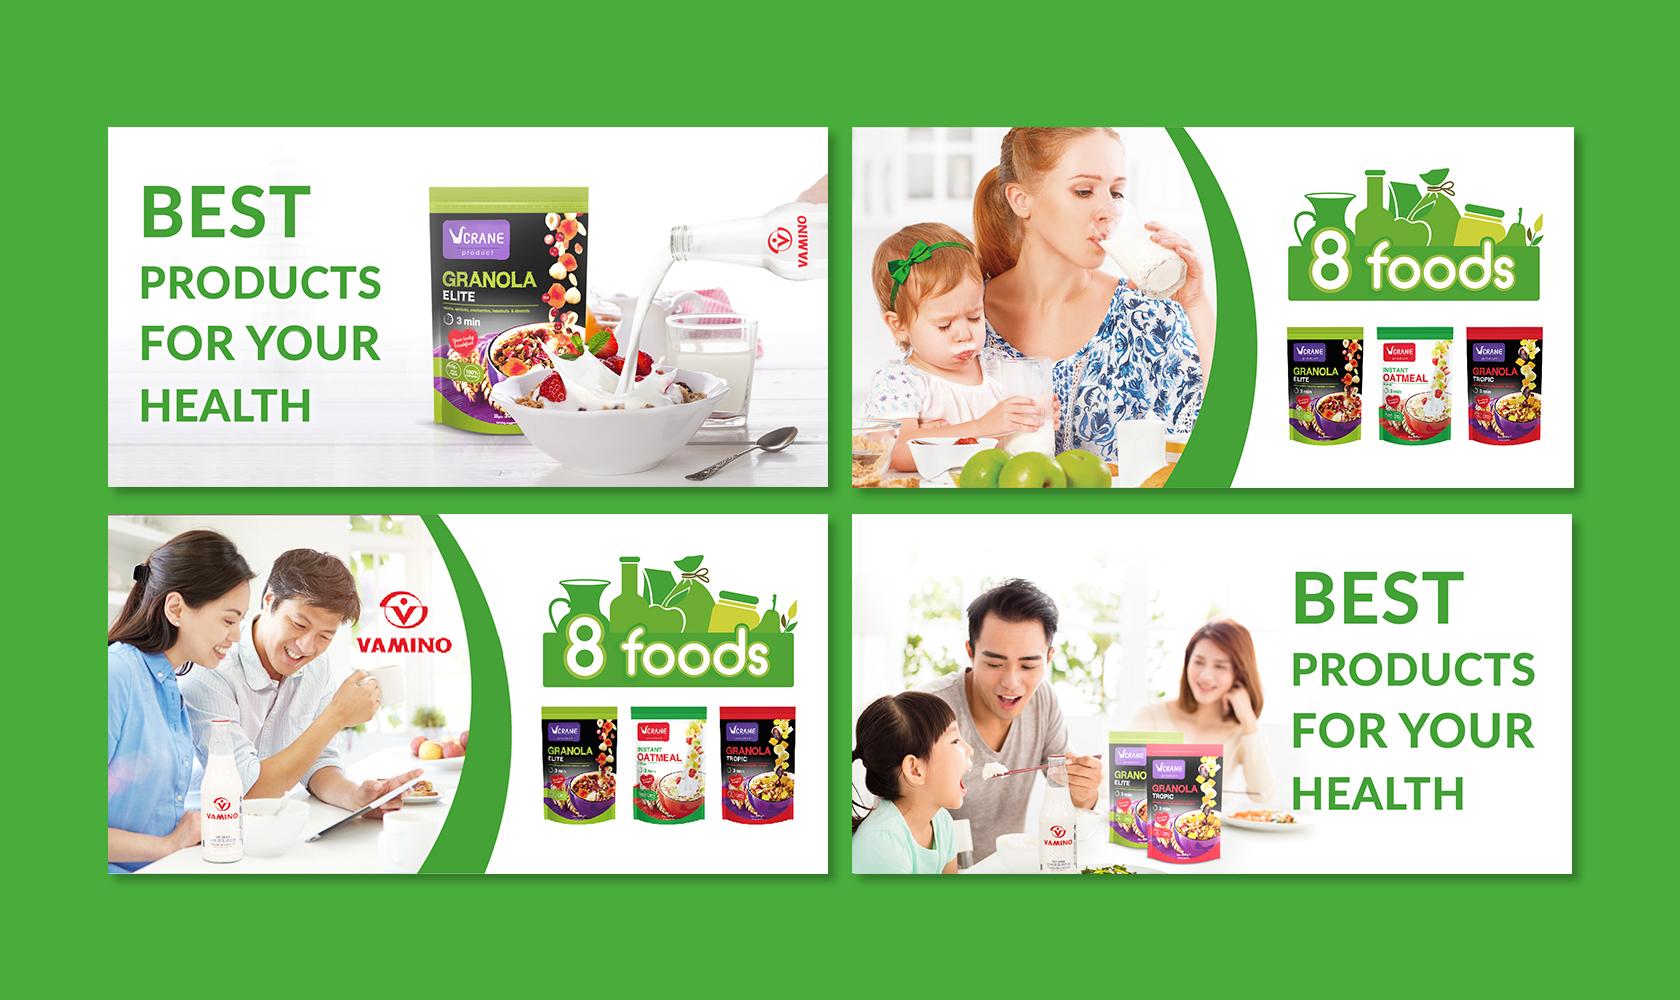 8 foods дизайнер баннеров